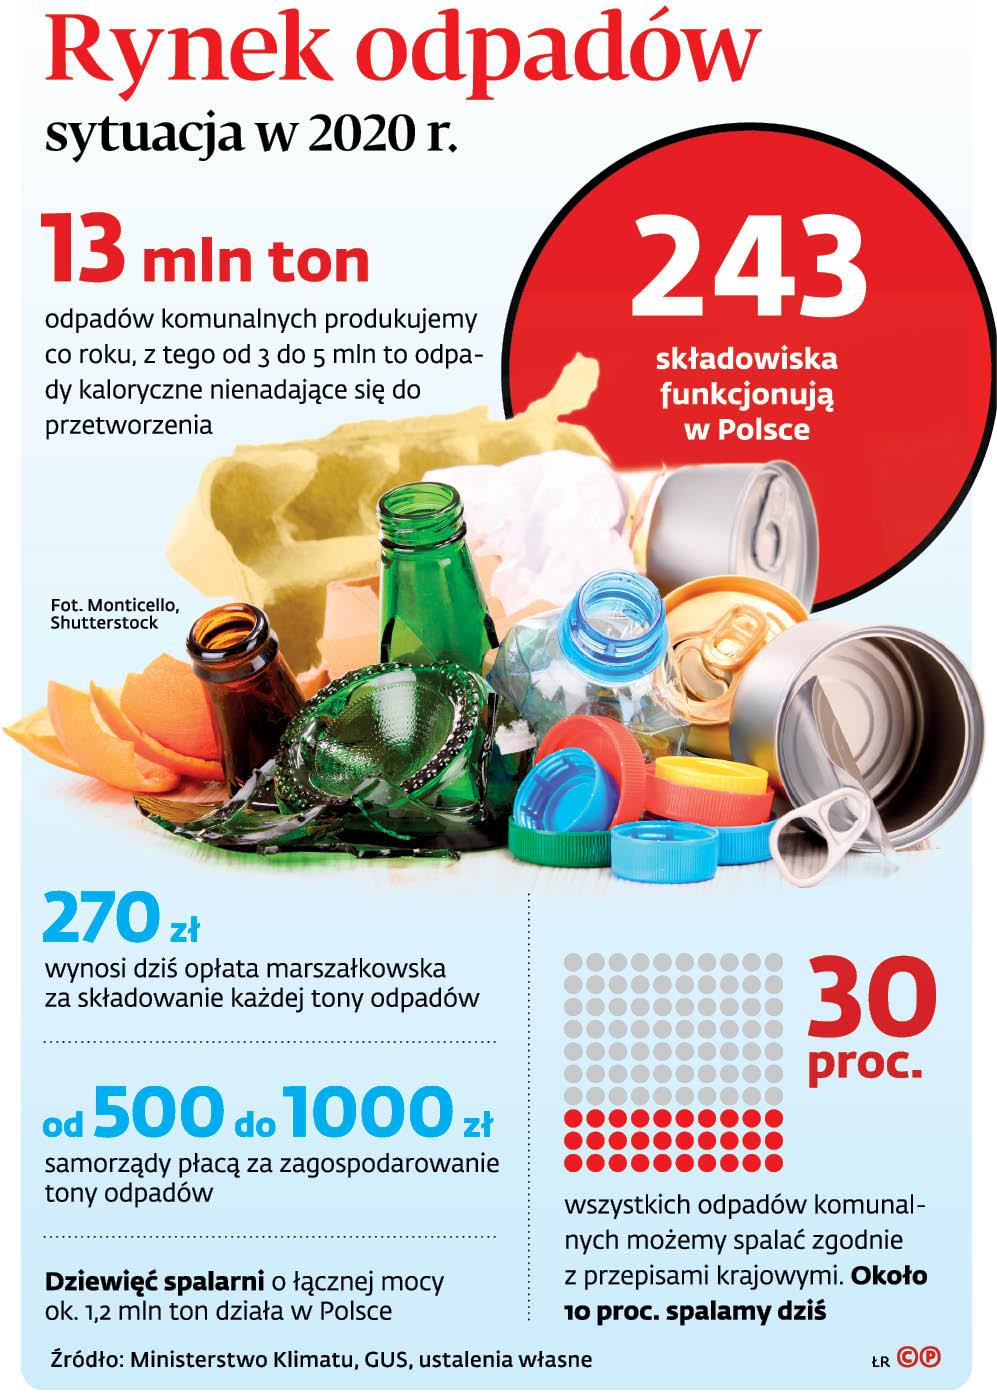 Rynek odpadów sytuacja w 2020 r.